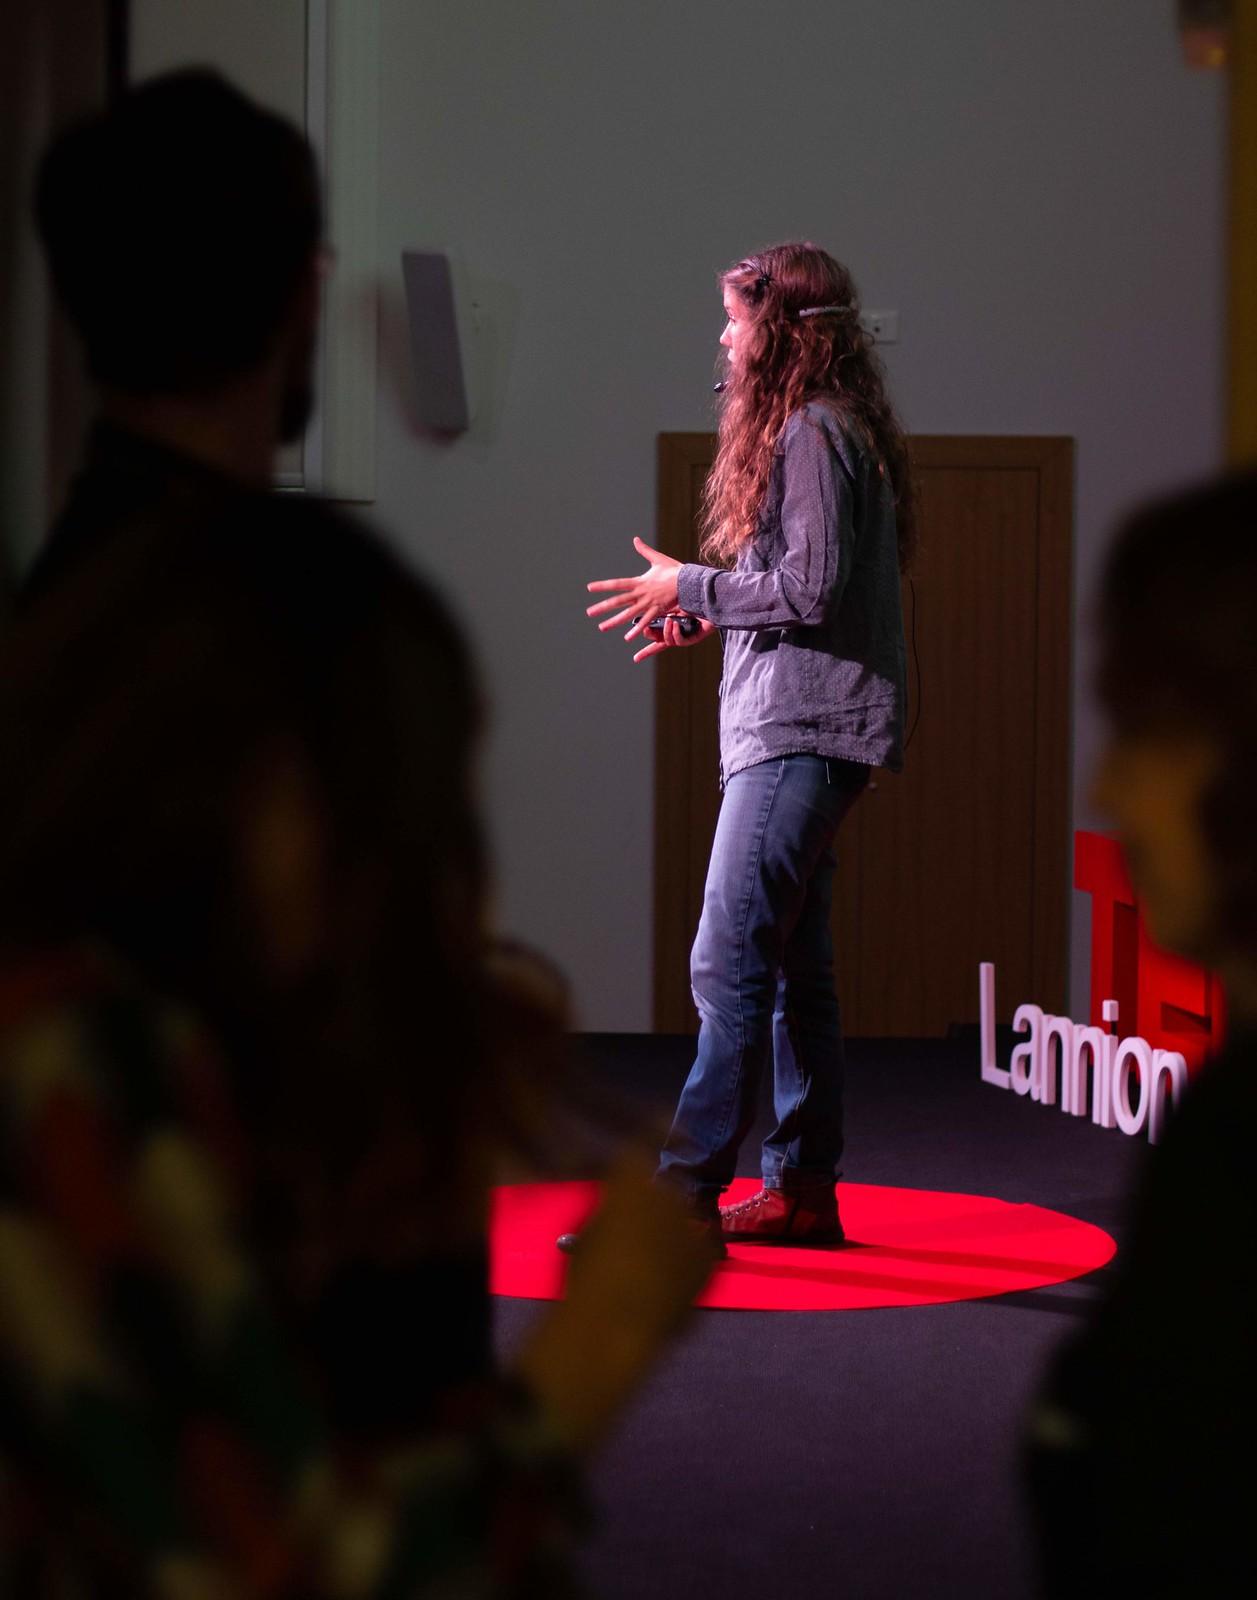 TEDxLannion-2018-55